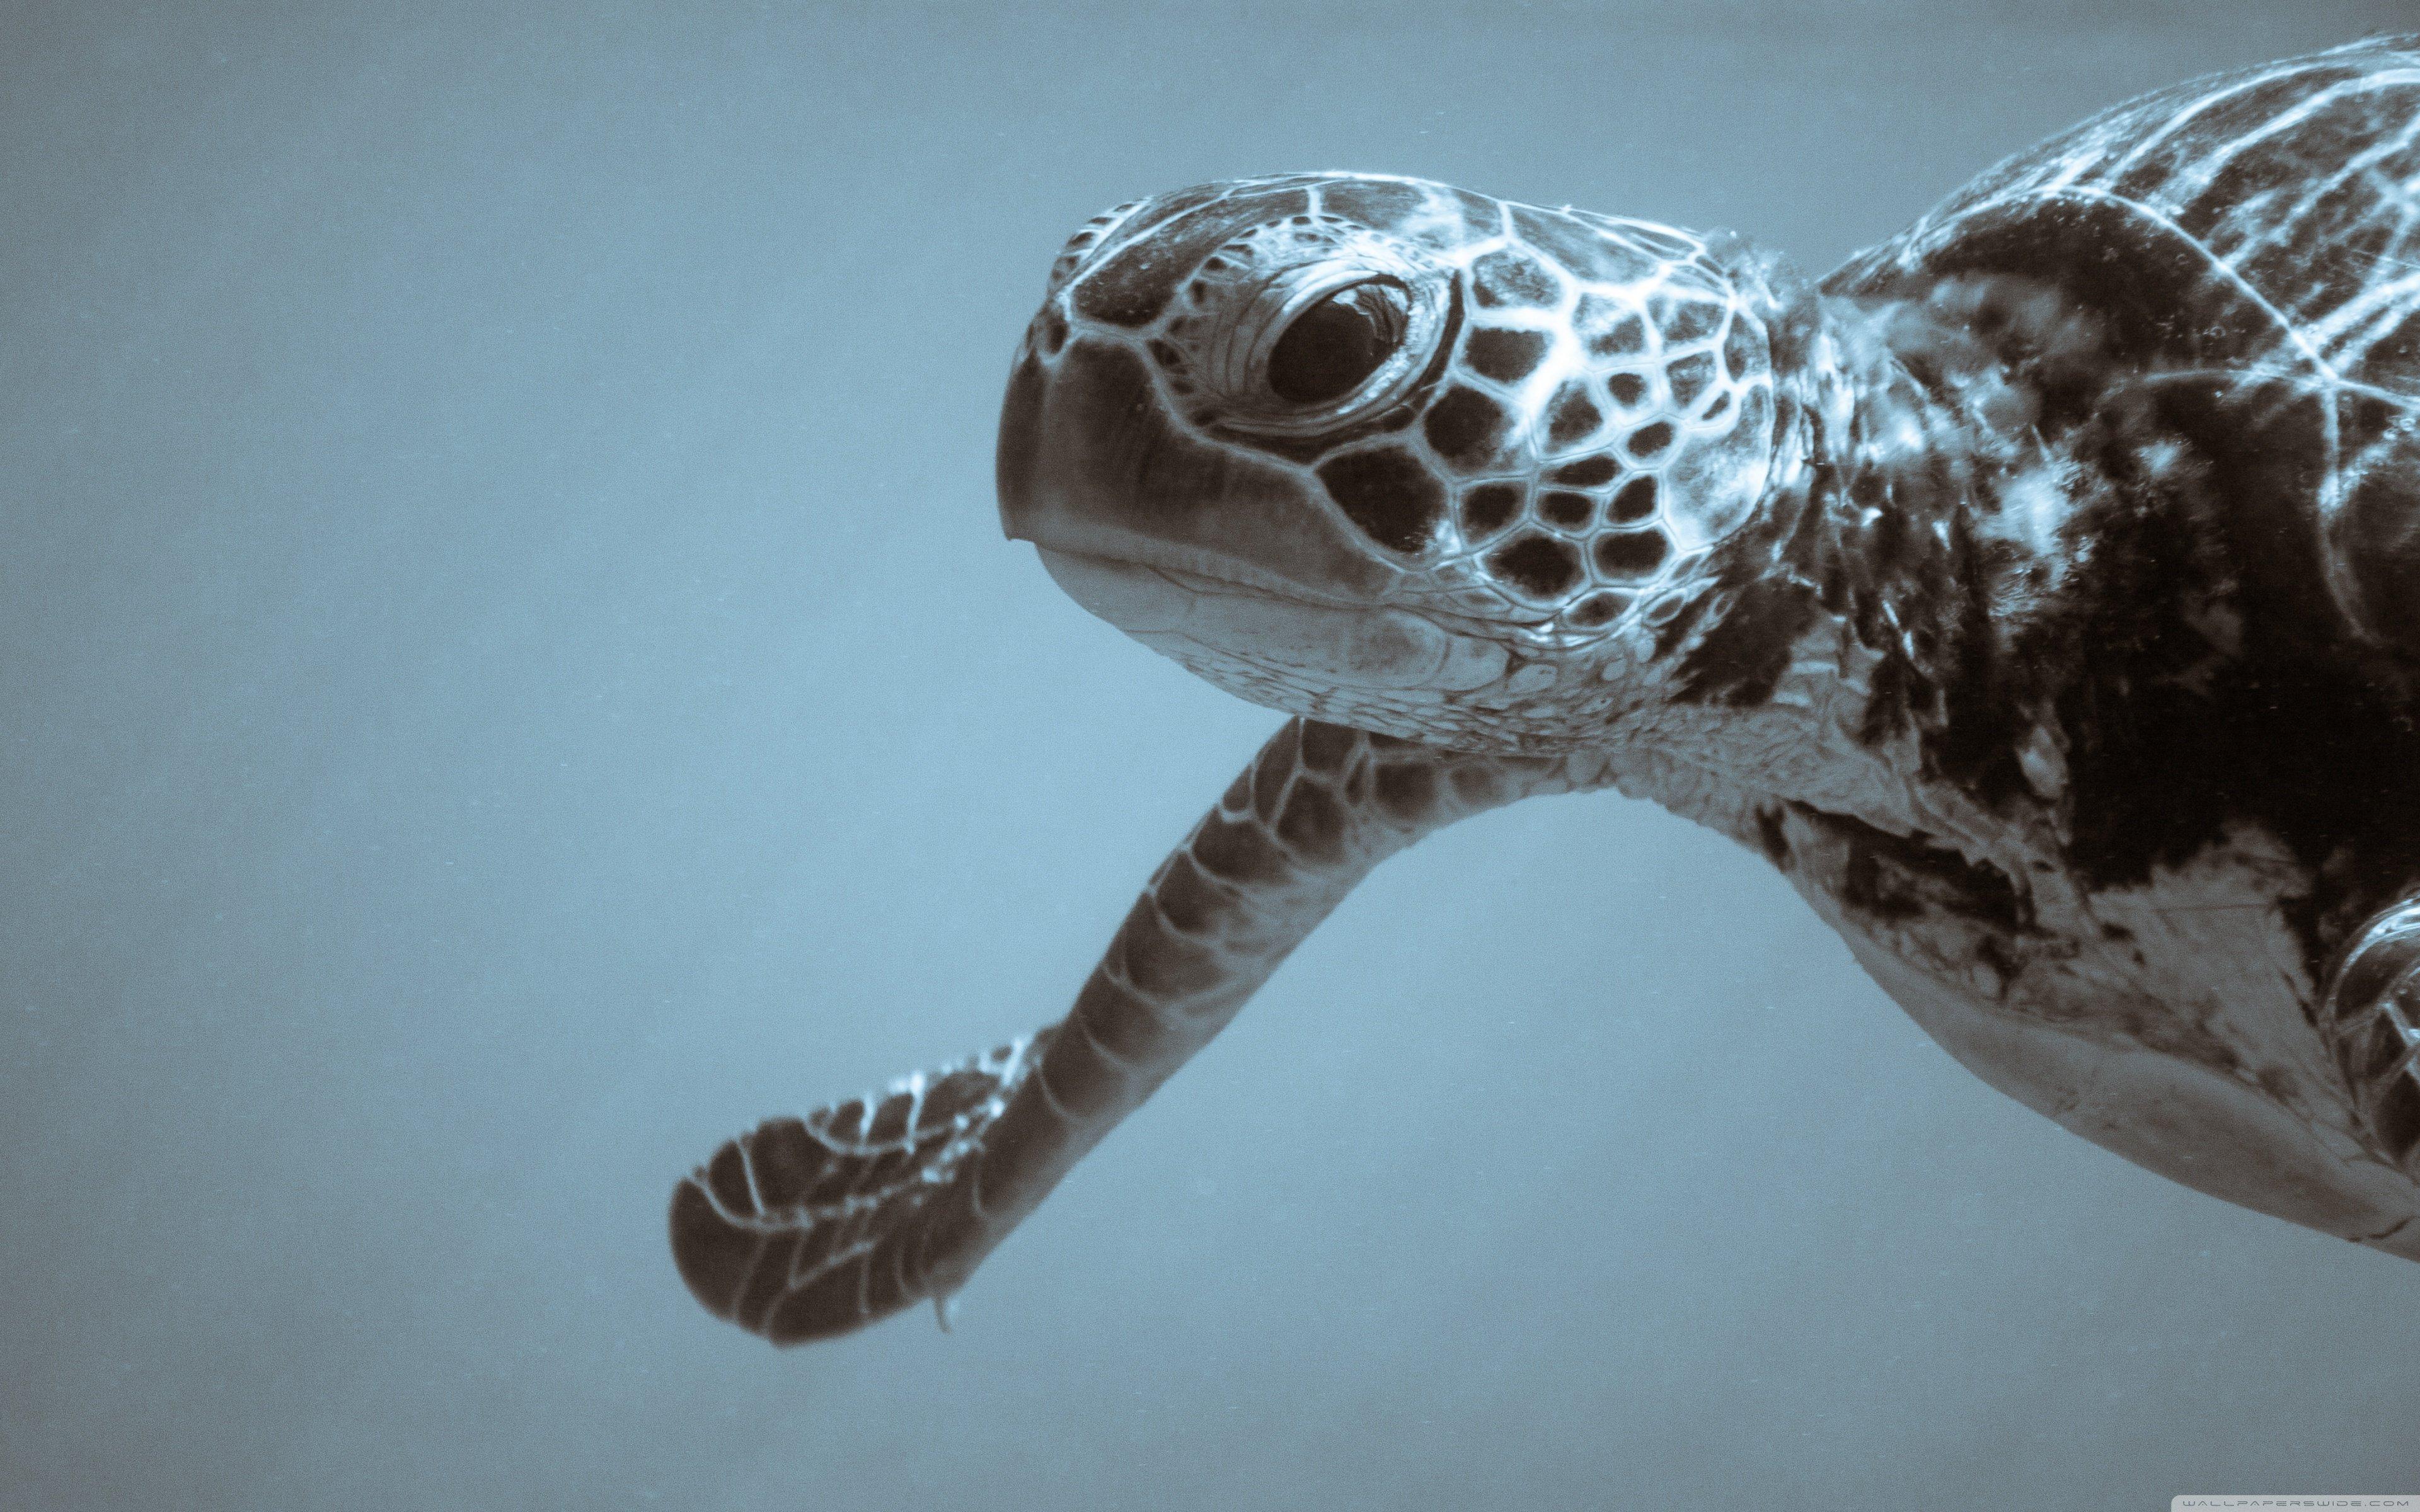 Sea Turtle 4K HD Desktop Wallpaper for 4K Ultra HD TV Wide 3840x2400